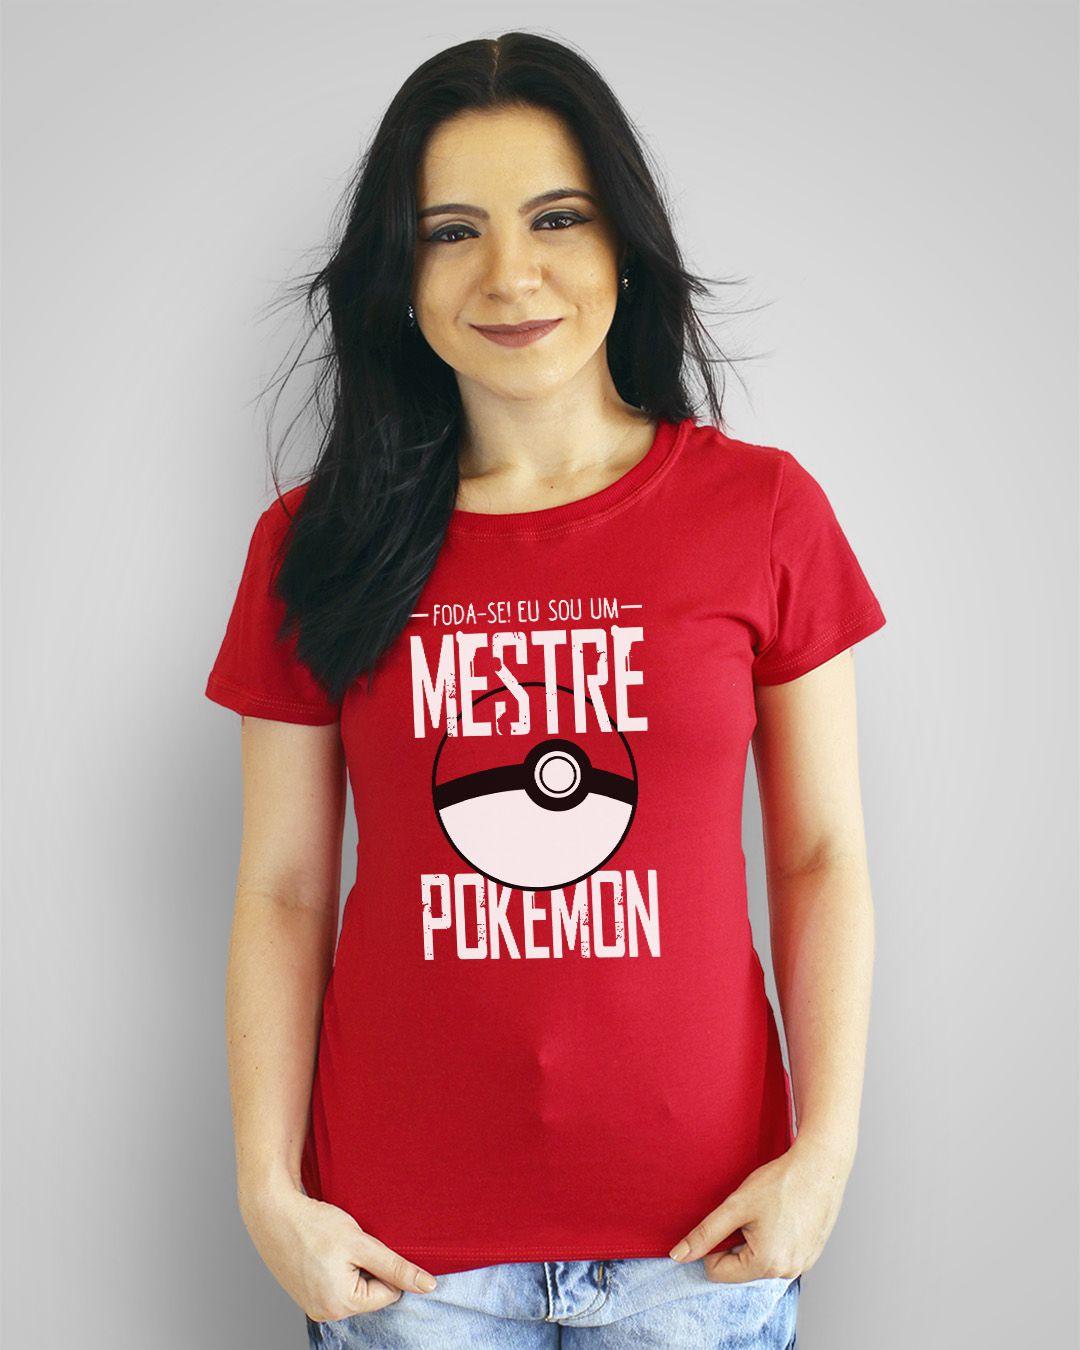 Camiseta Foda-se! Eu sou um Mestre Pokémon